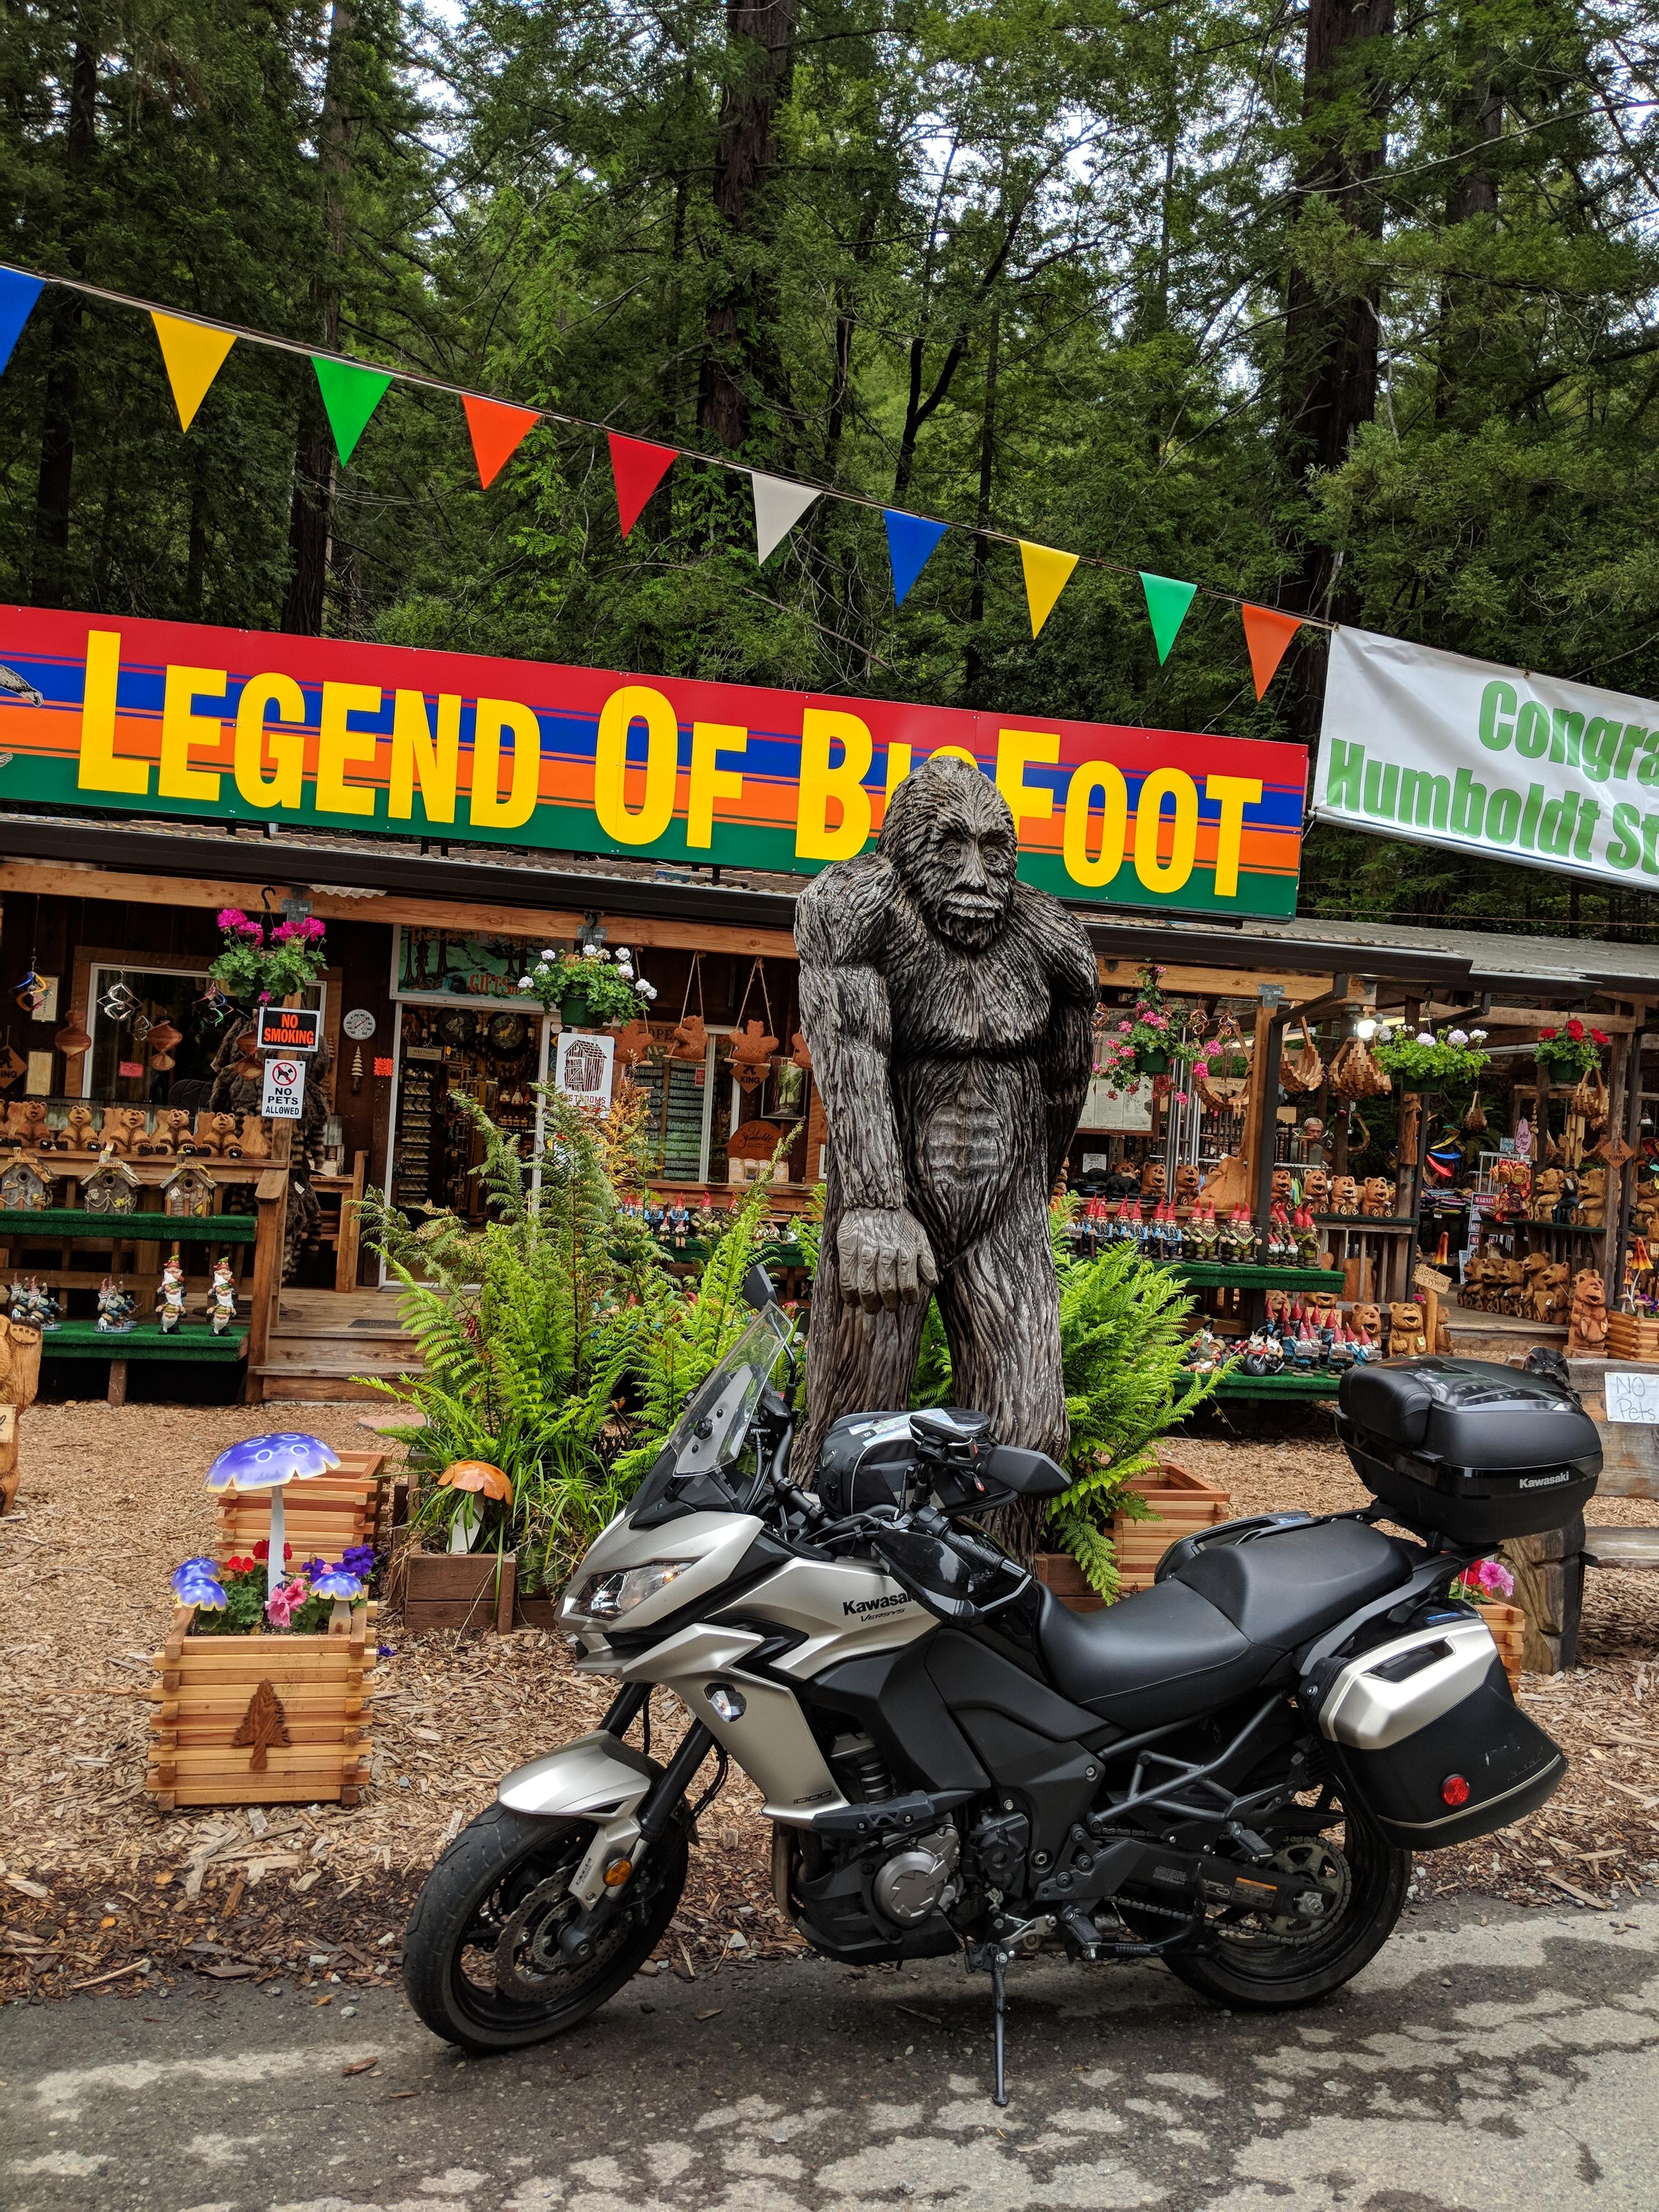 Queste sono le terre in cui sono ambientate le leggende di Bigfoot. Che c'e' di meglio del vendere souvenir di Bigfoot ai turisti?